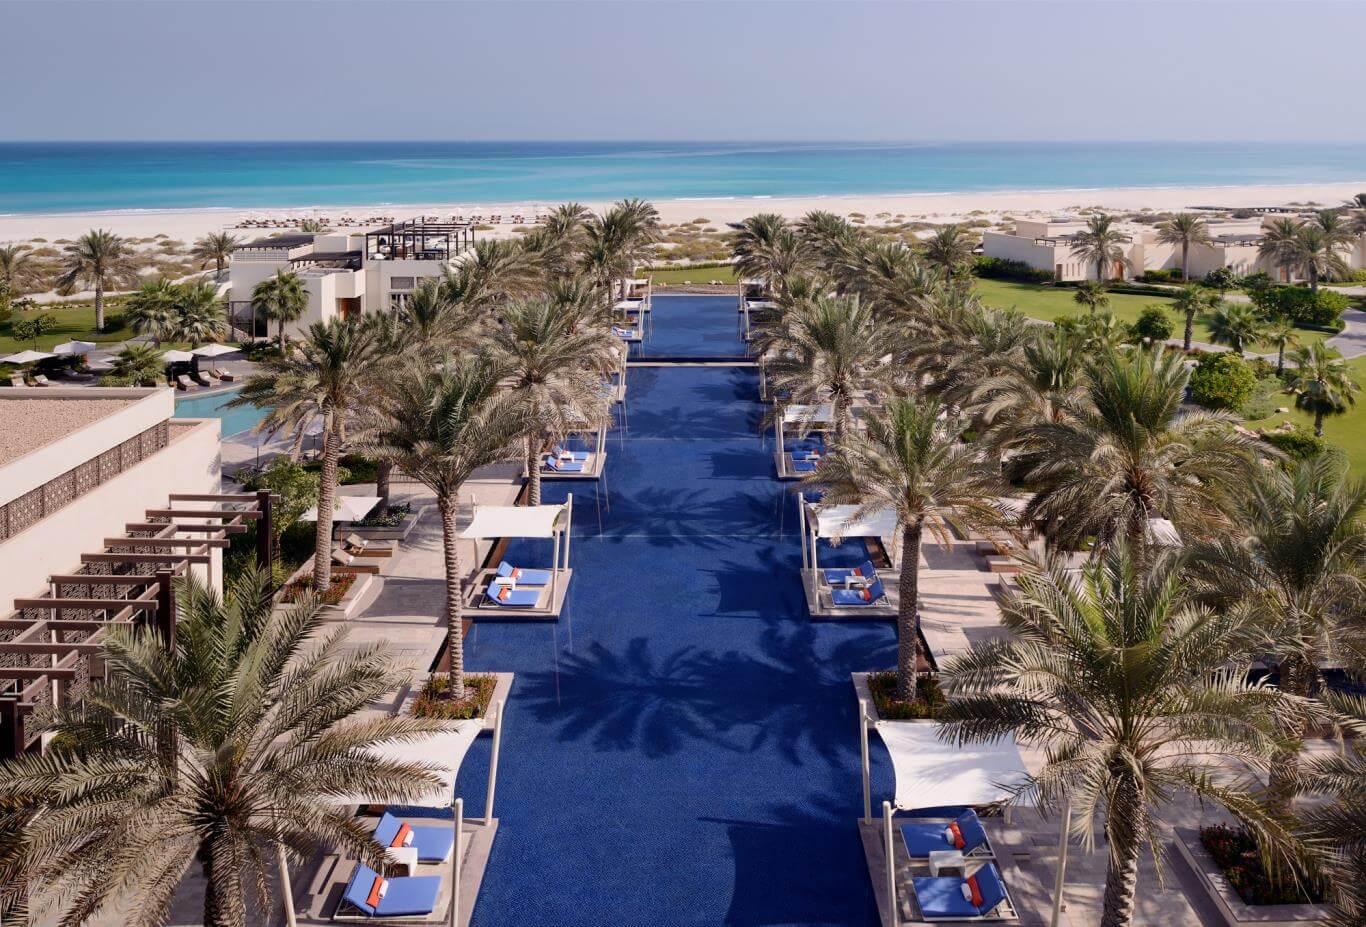 5* отель Park Hyatt Abu Dhabi